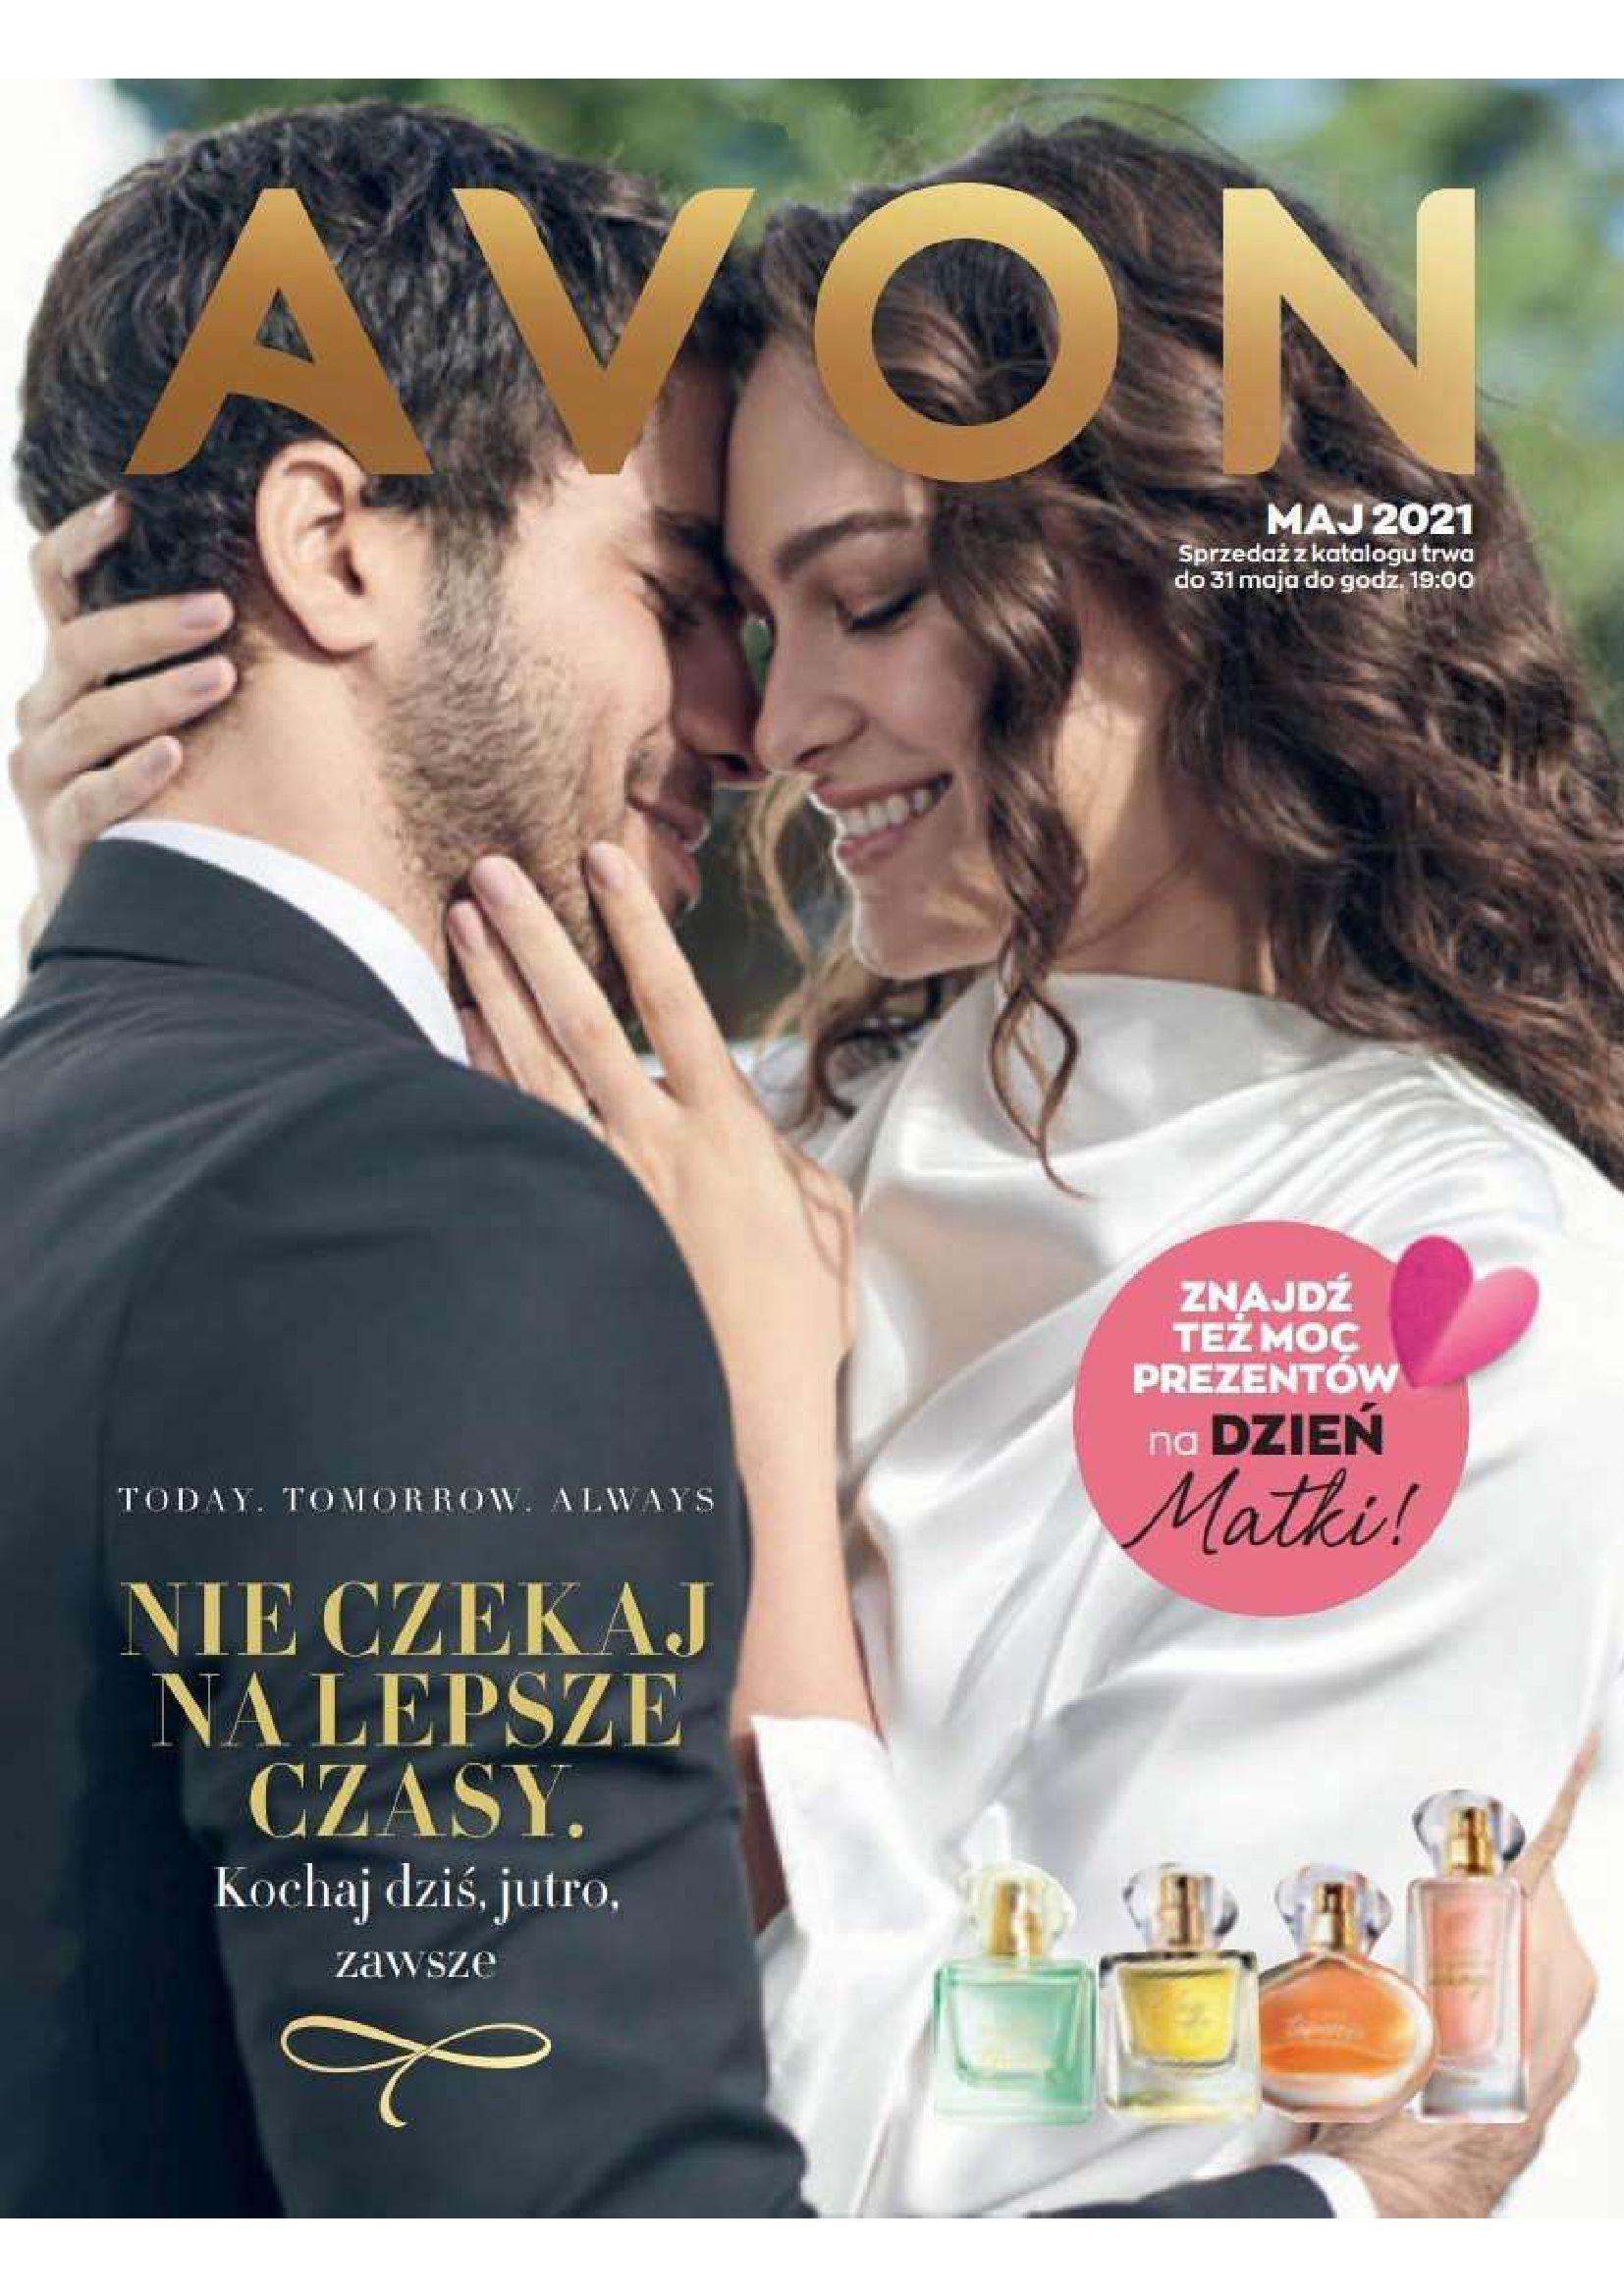 Gazetka Avon: Katalog Maj 2021 2021-05-01 page-1